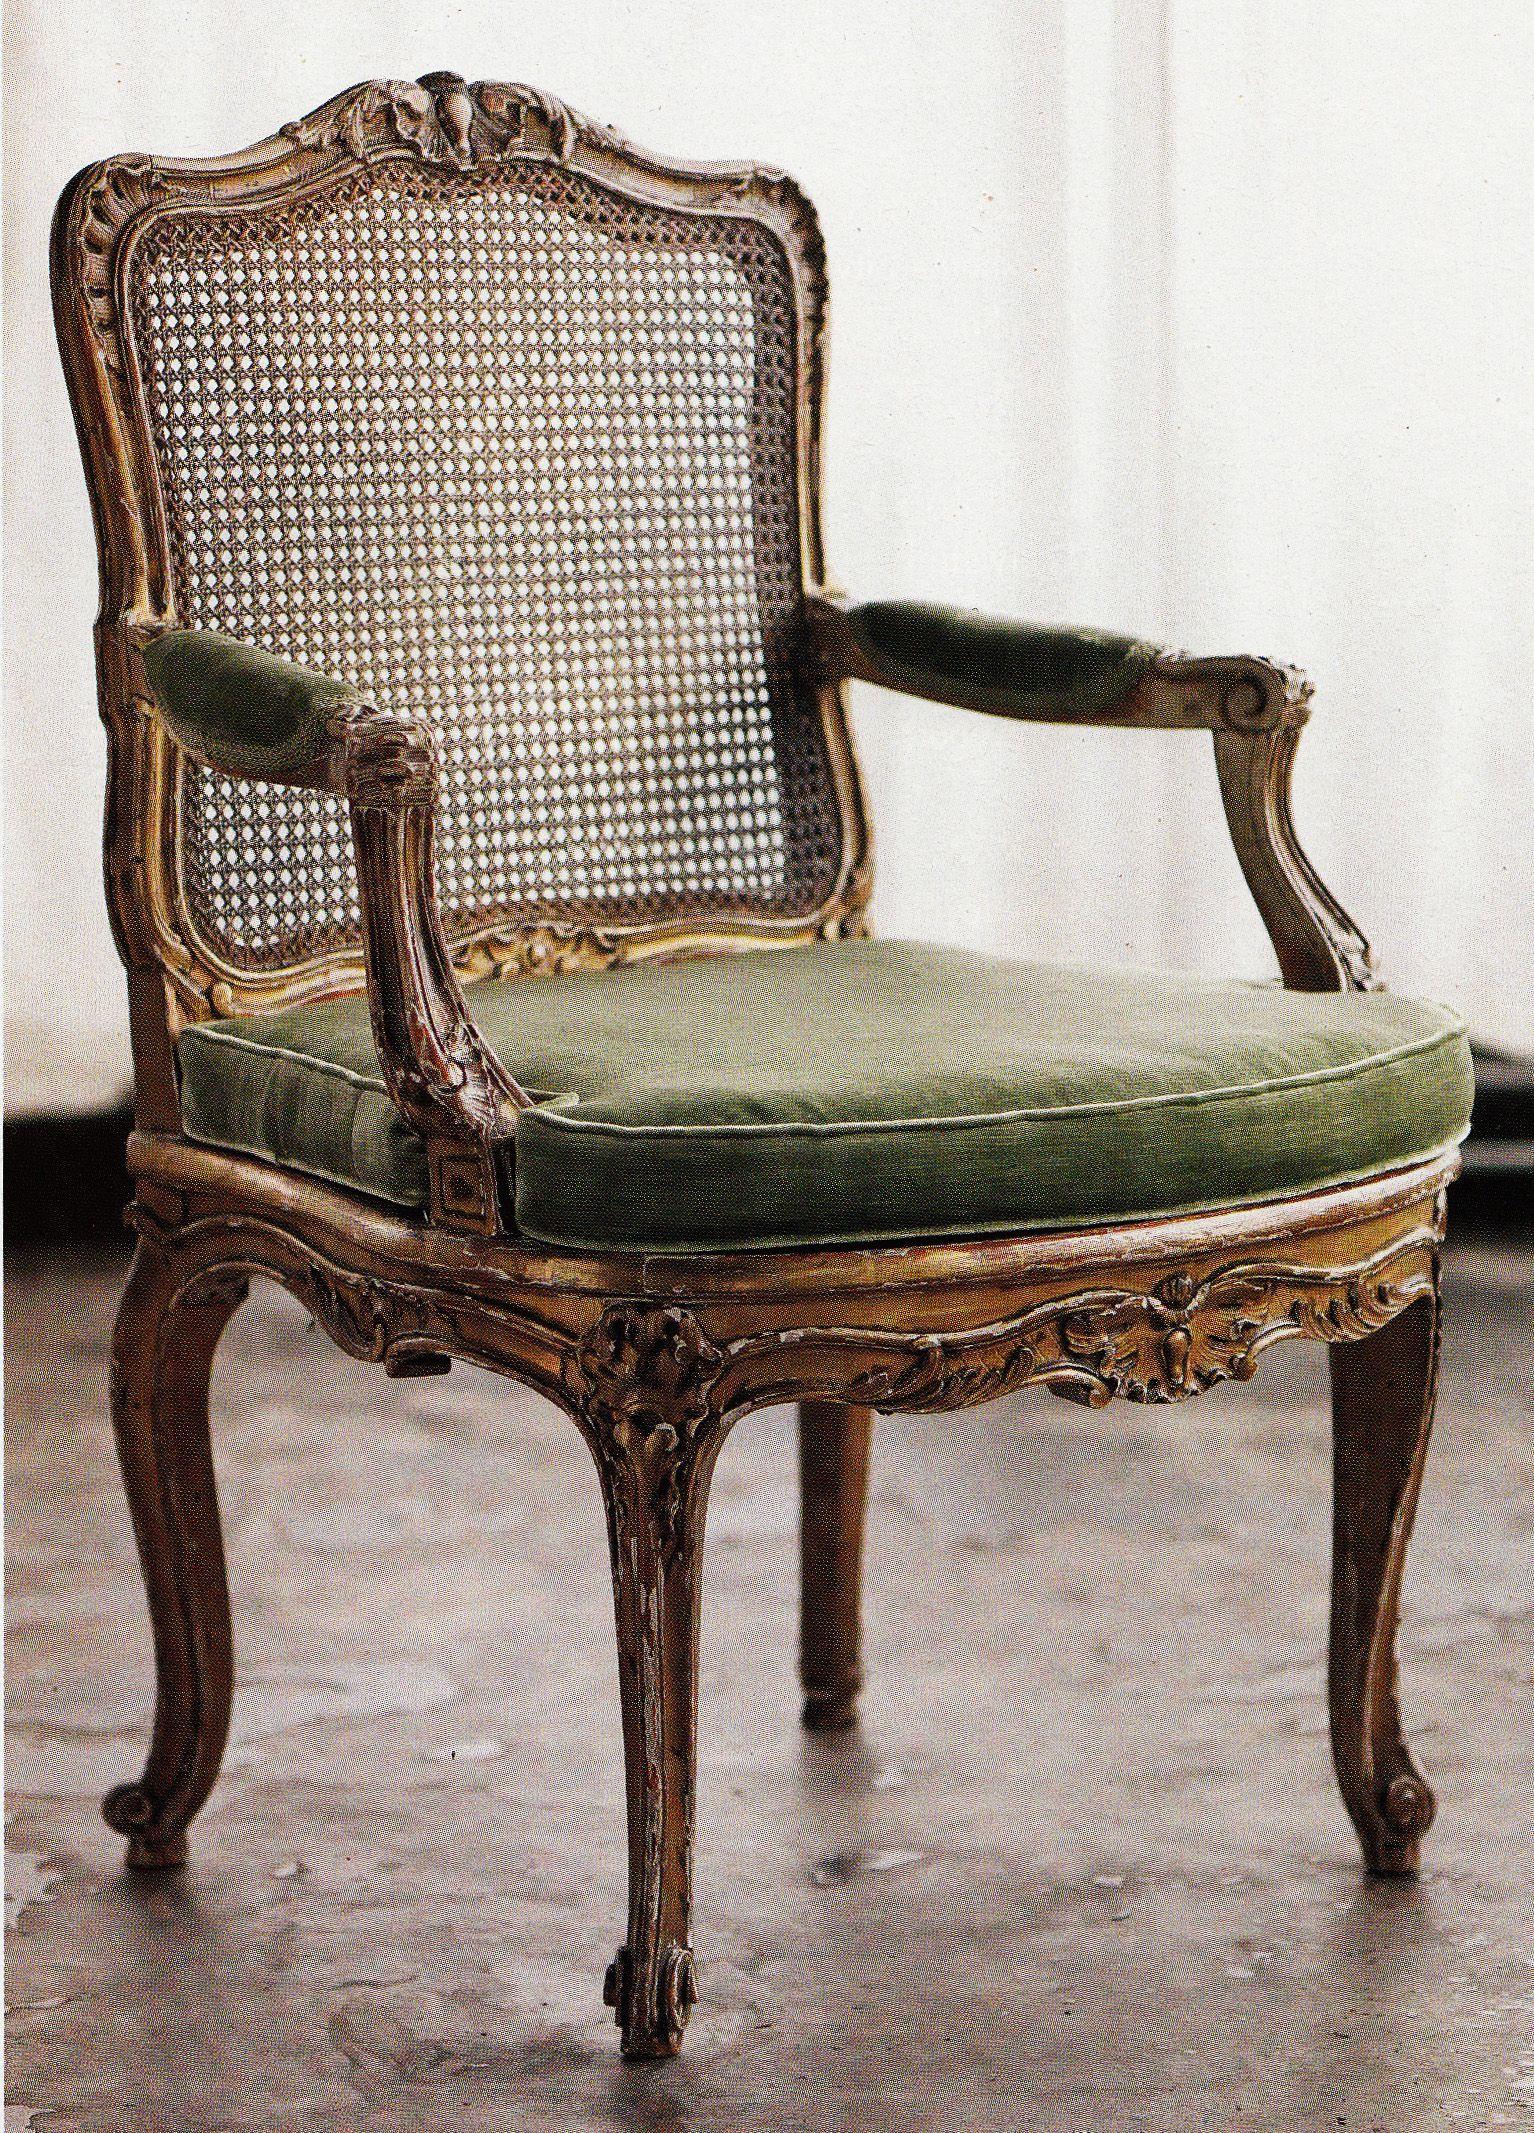 Circa 1880 Louis Xv Style Chair Louis Quinze Stühle Sessel Etc